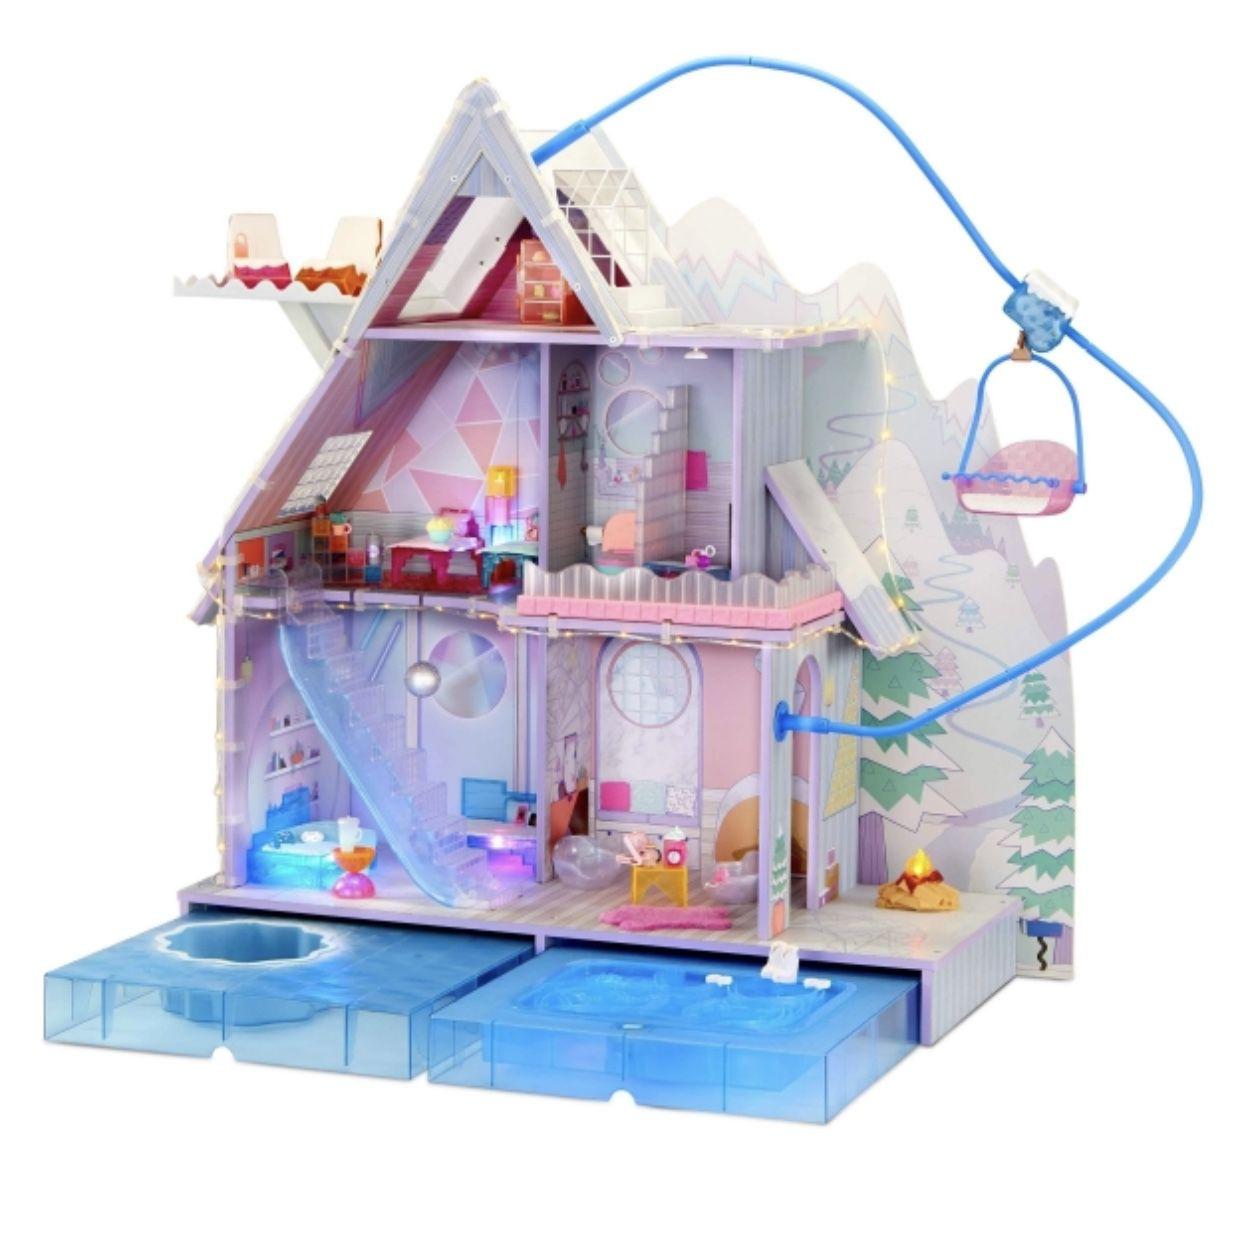 BRAND NEW Lol Surprise OMG Winter Chill Cabin